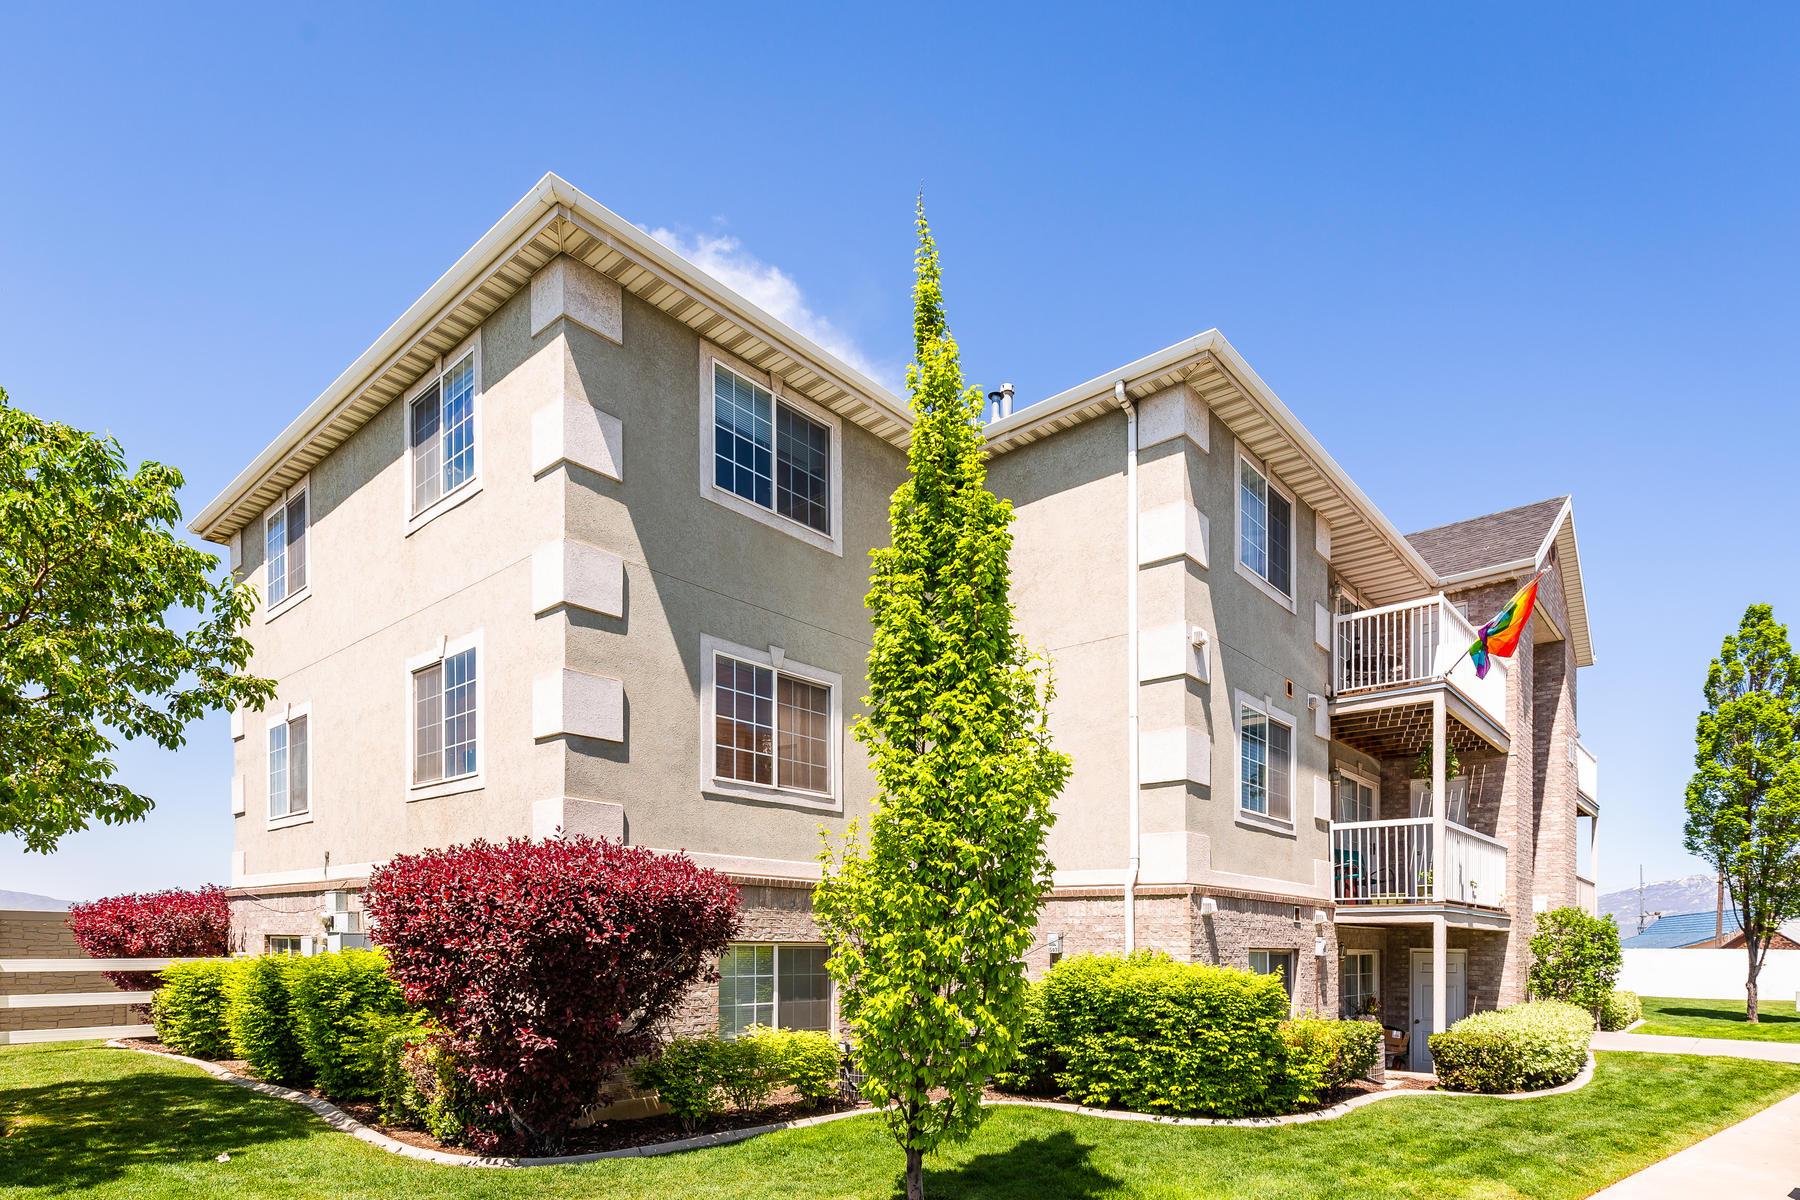 Condominiums 용 매매 에 Great Condo 1503 N 1335 W Orem, 유타 84057 미국